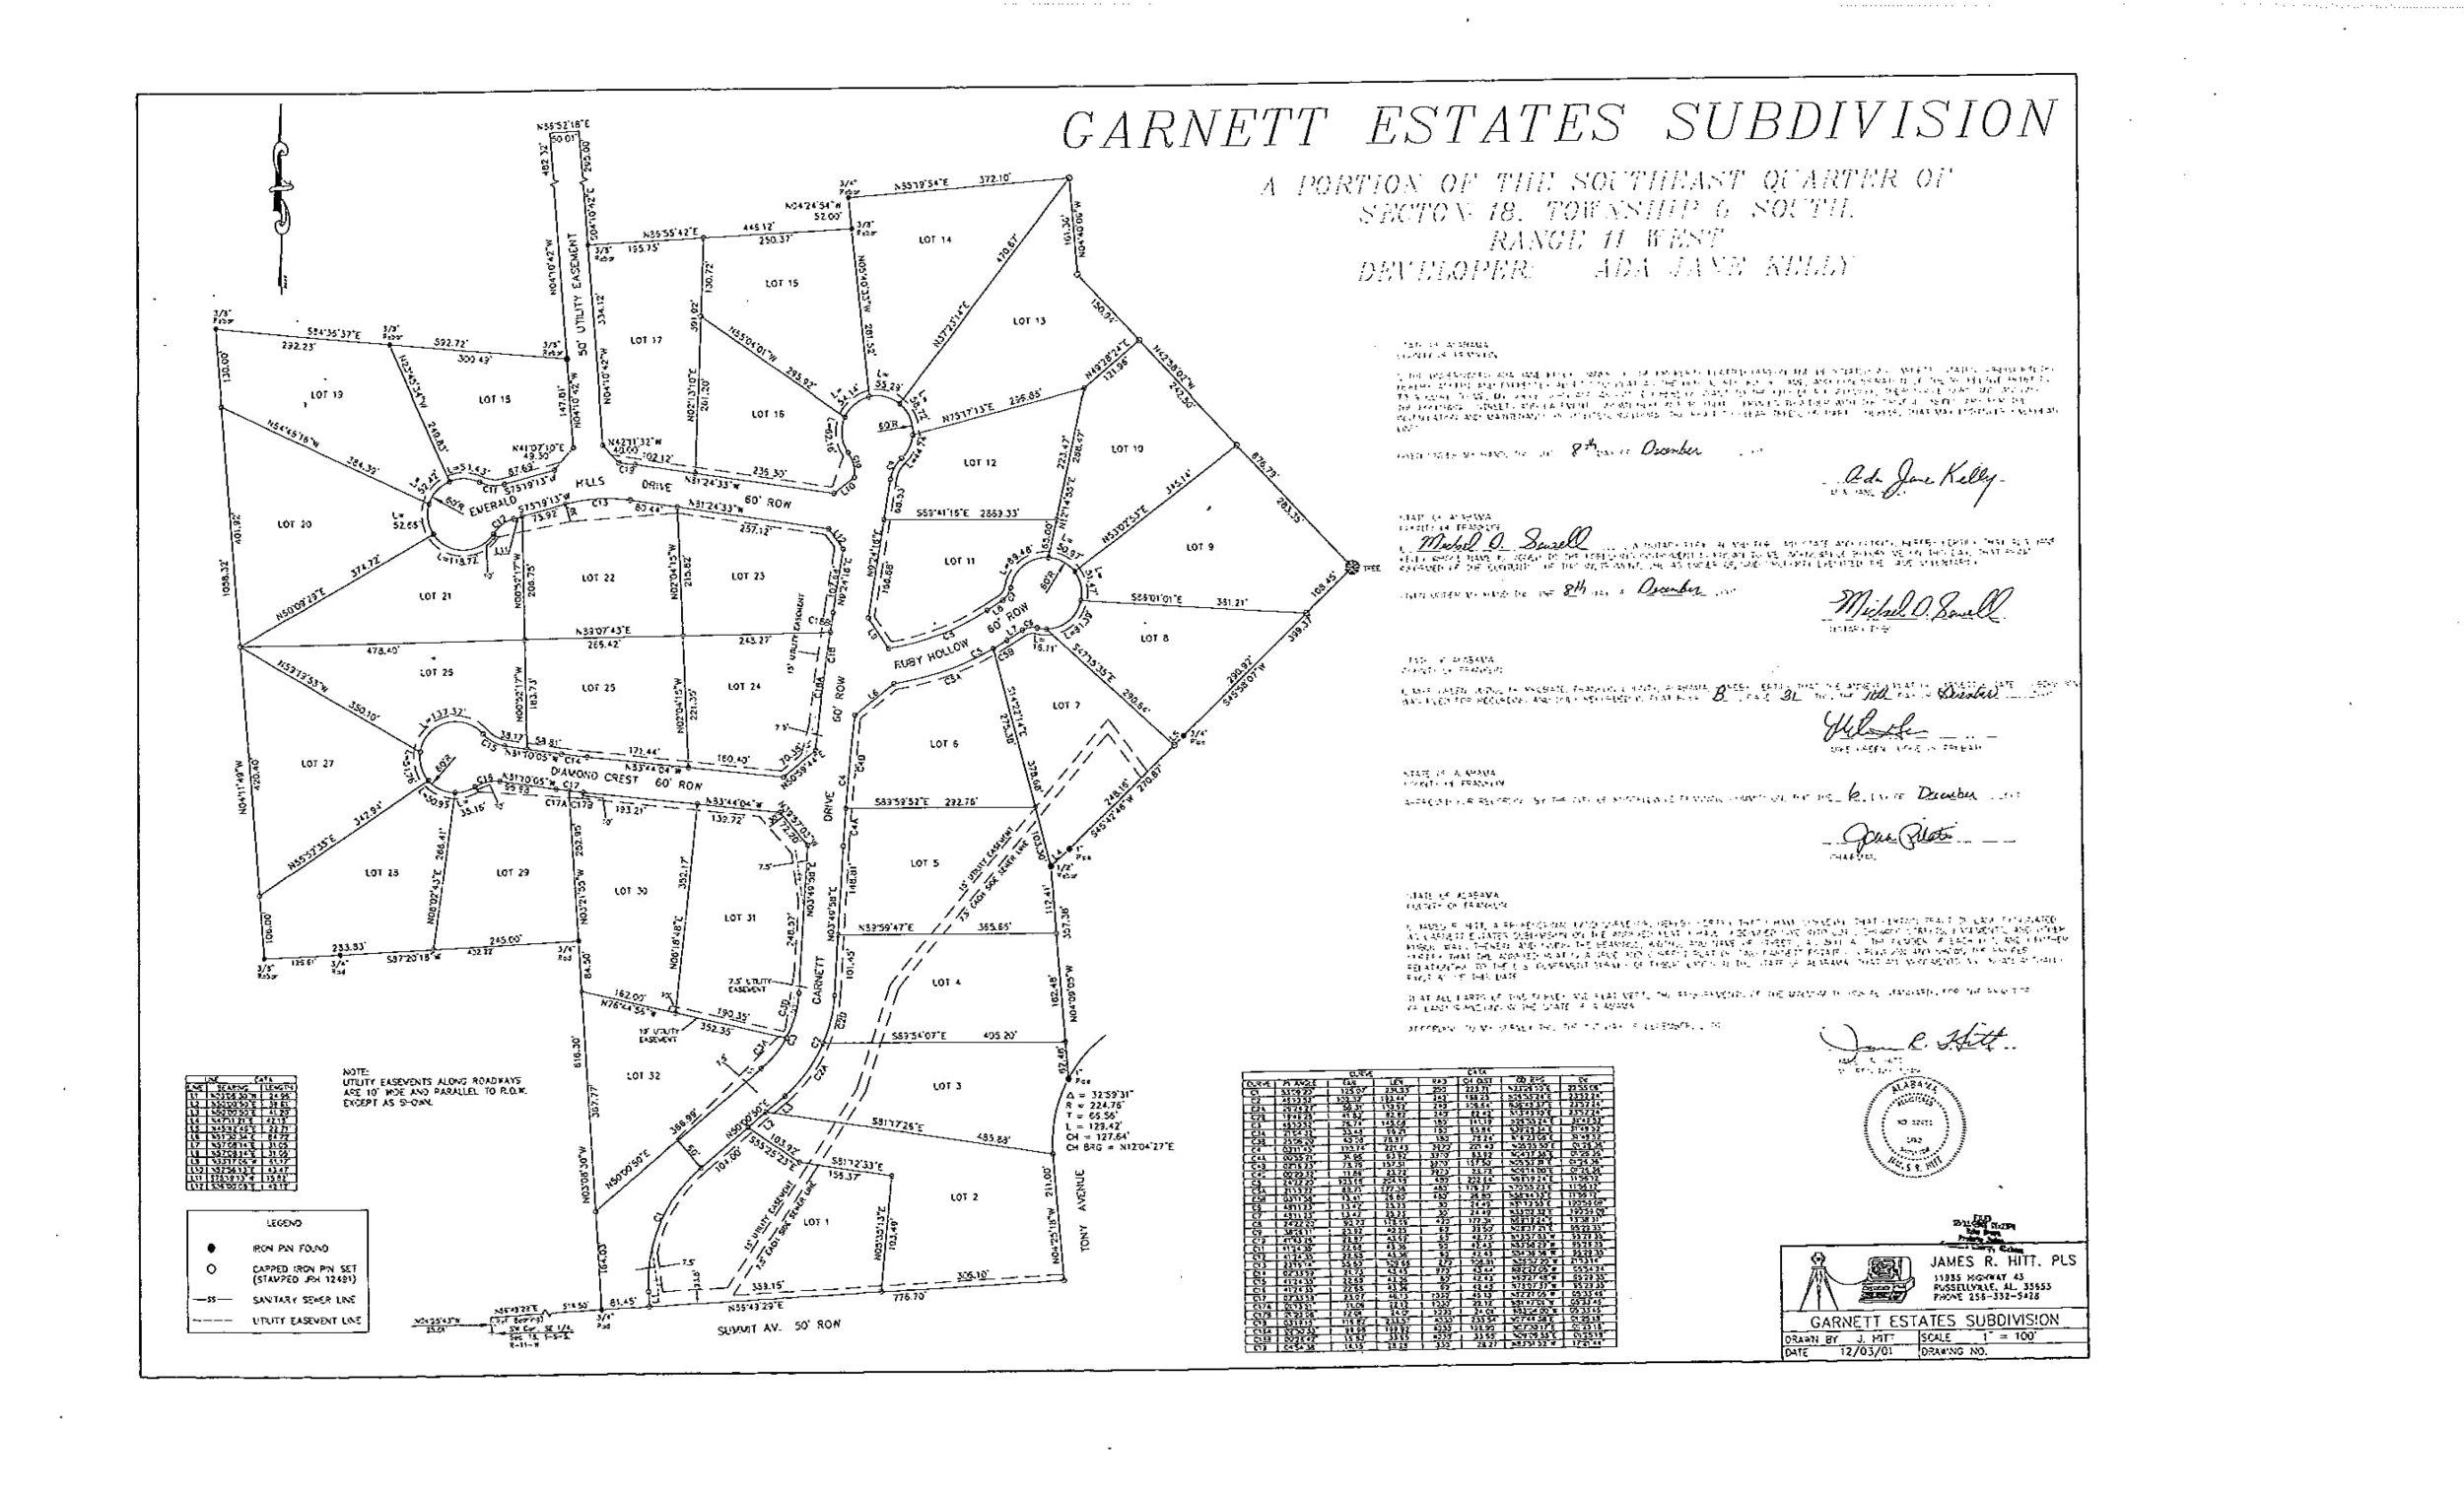 Plat-Garnett-Estates-Franklin-County (1)-1.jpg